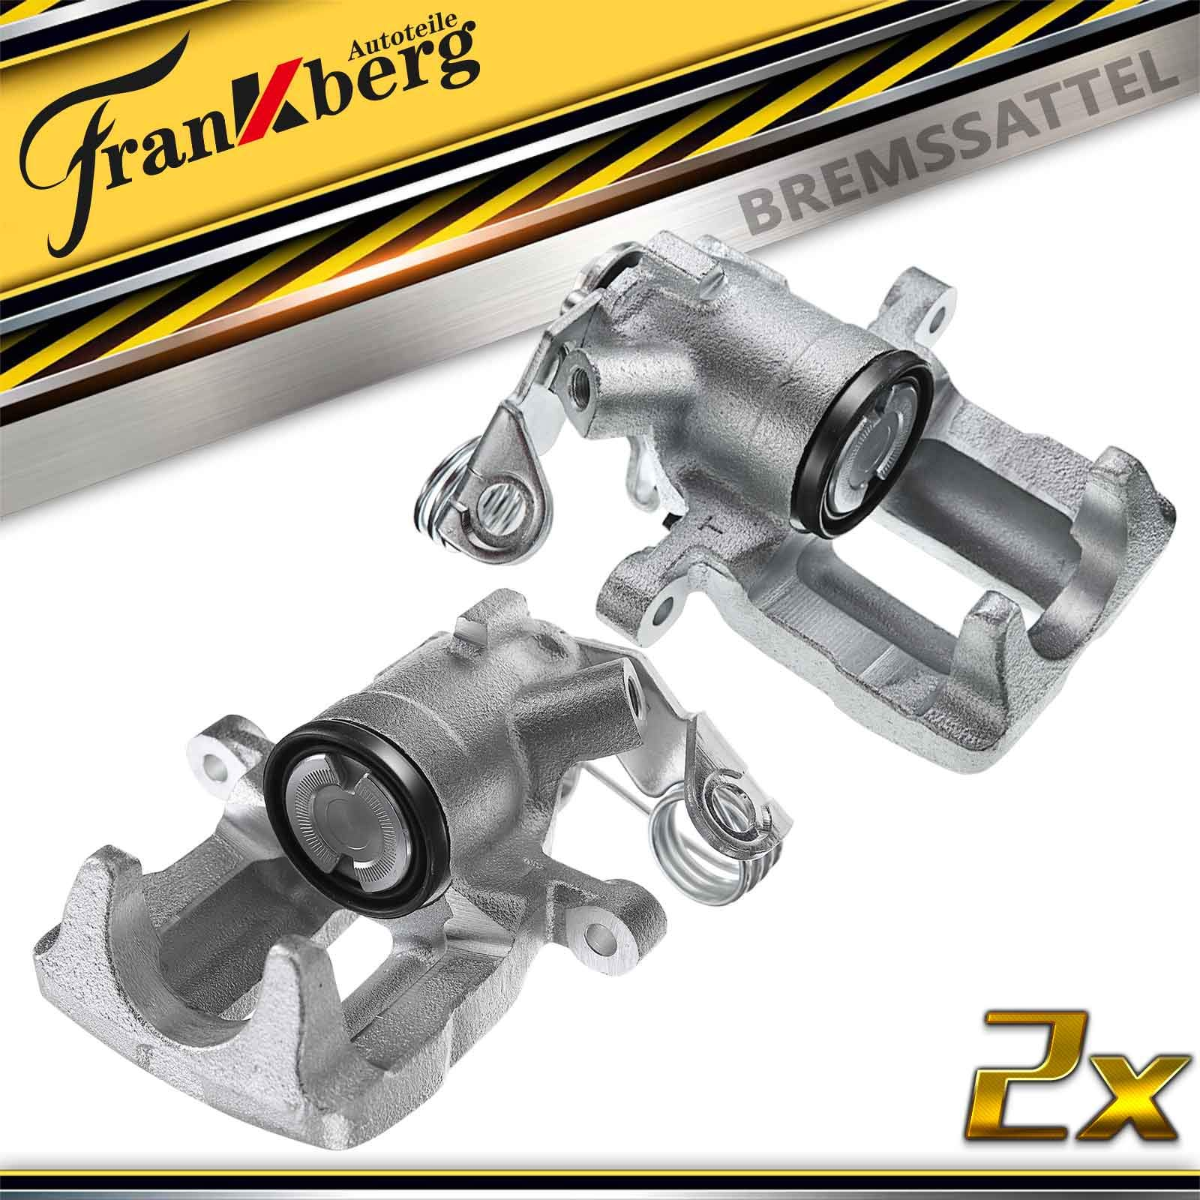 2x Bremssattel Hinten Links Rechts f/ür Grand Cherokee I ZJ ZG 2.5L 4.0L 5.2L 1994-1998 18-4398